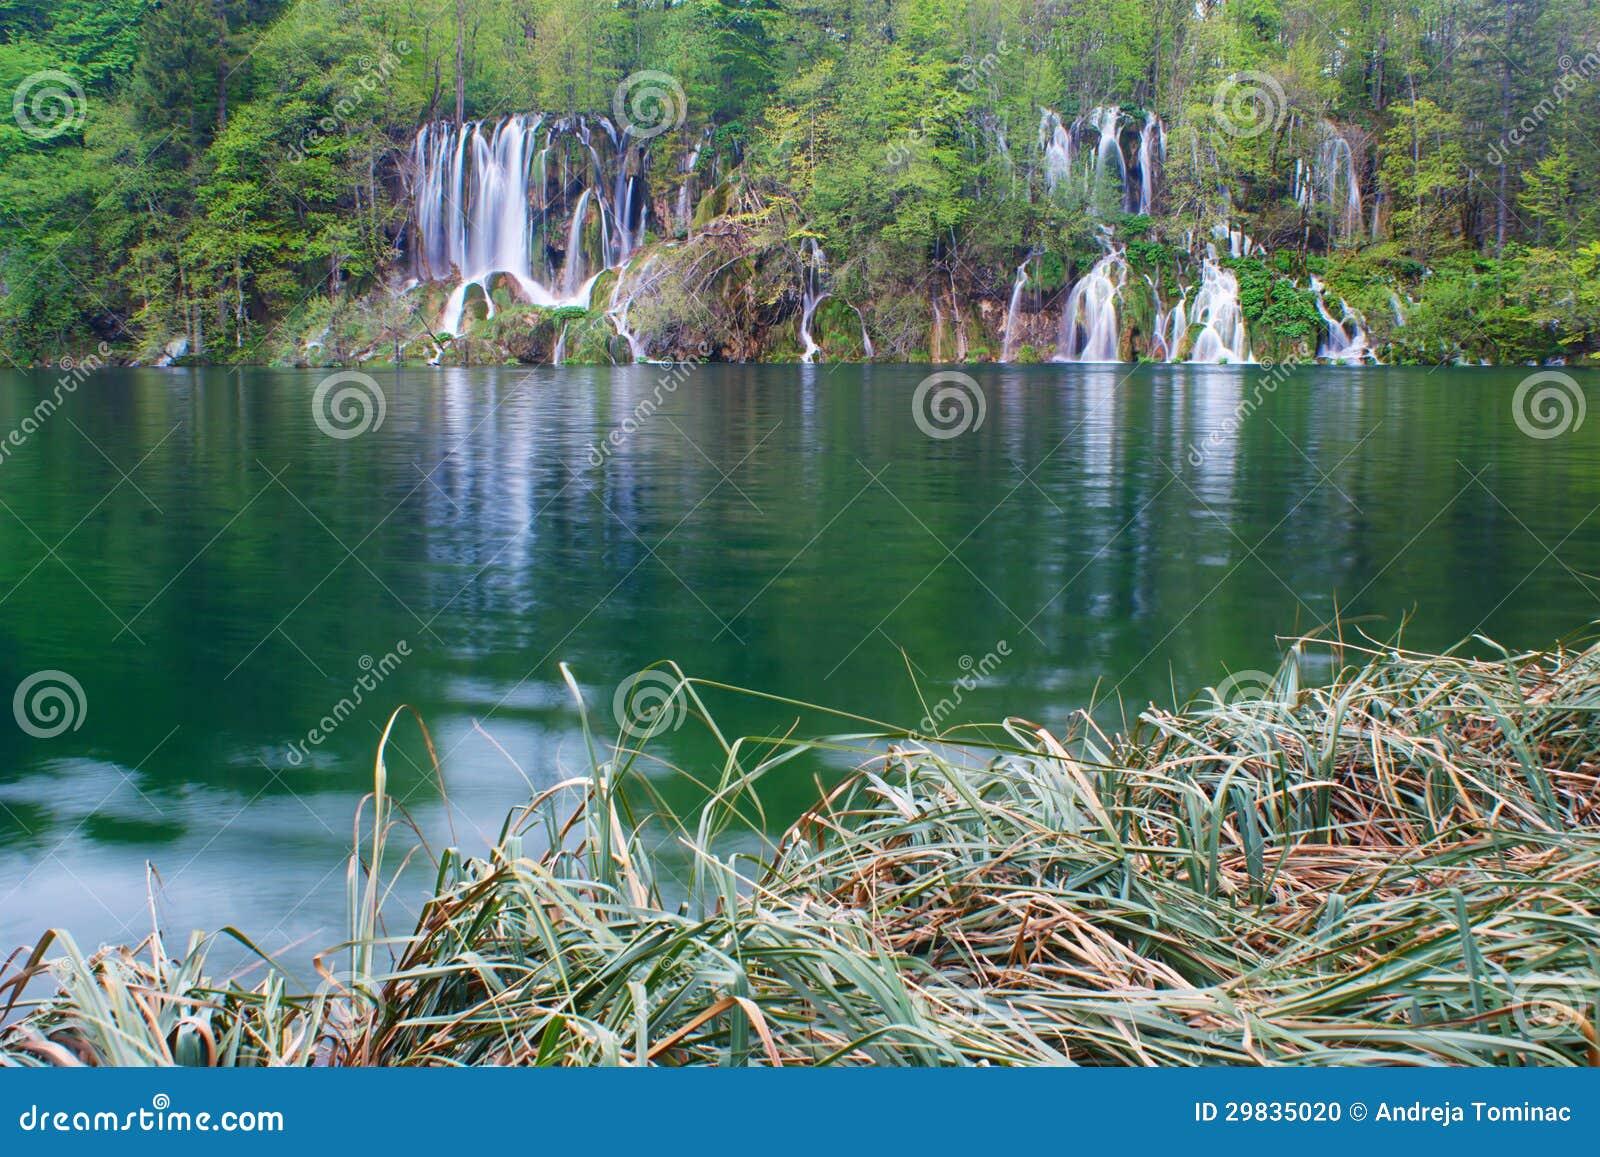 Floresta, juncos, lago, e cachoeiras na mola